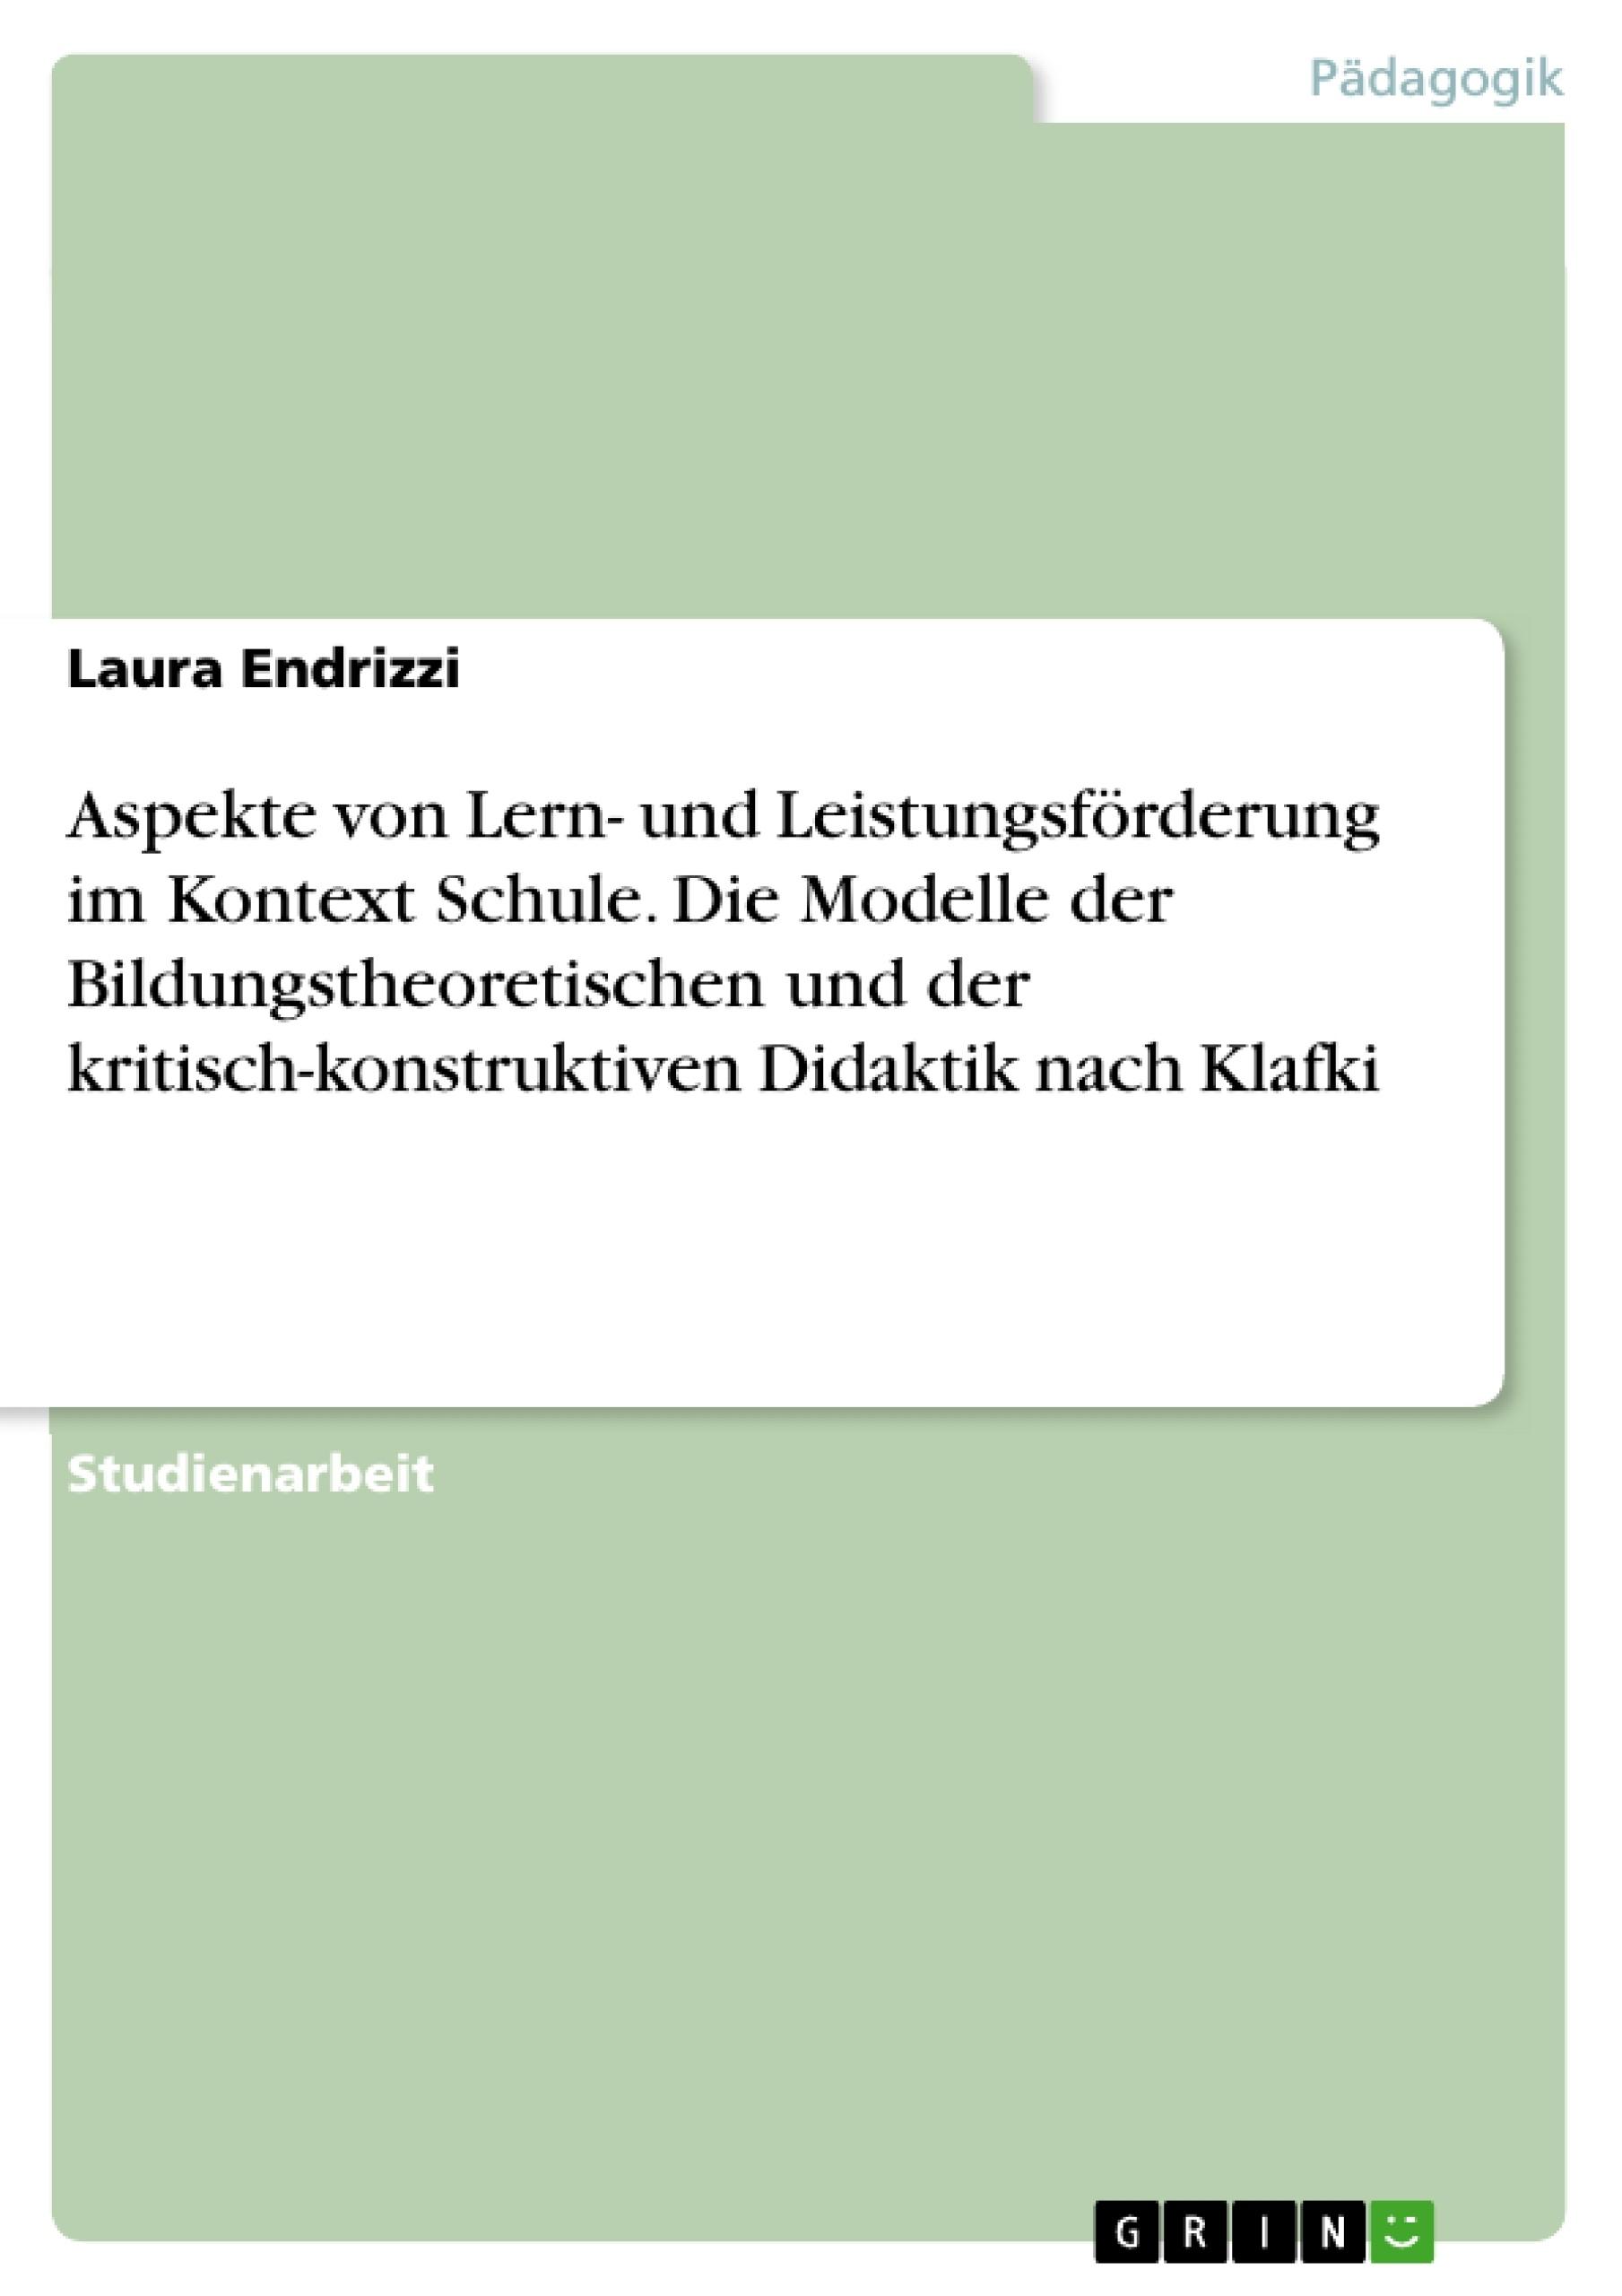 Titel: Aspekte von Lern- und Leistungsförderung im Kontext Schule. Die Modelle der Bildungstheoretischen und der kritisch-konstruktiven Didaktik nach Klafki